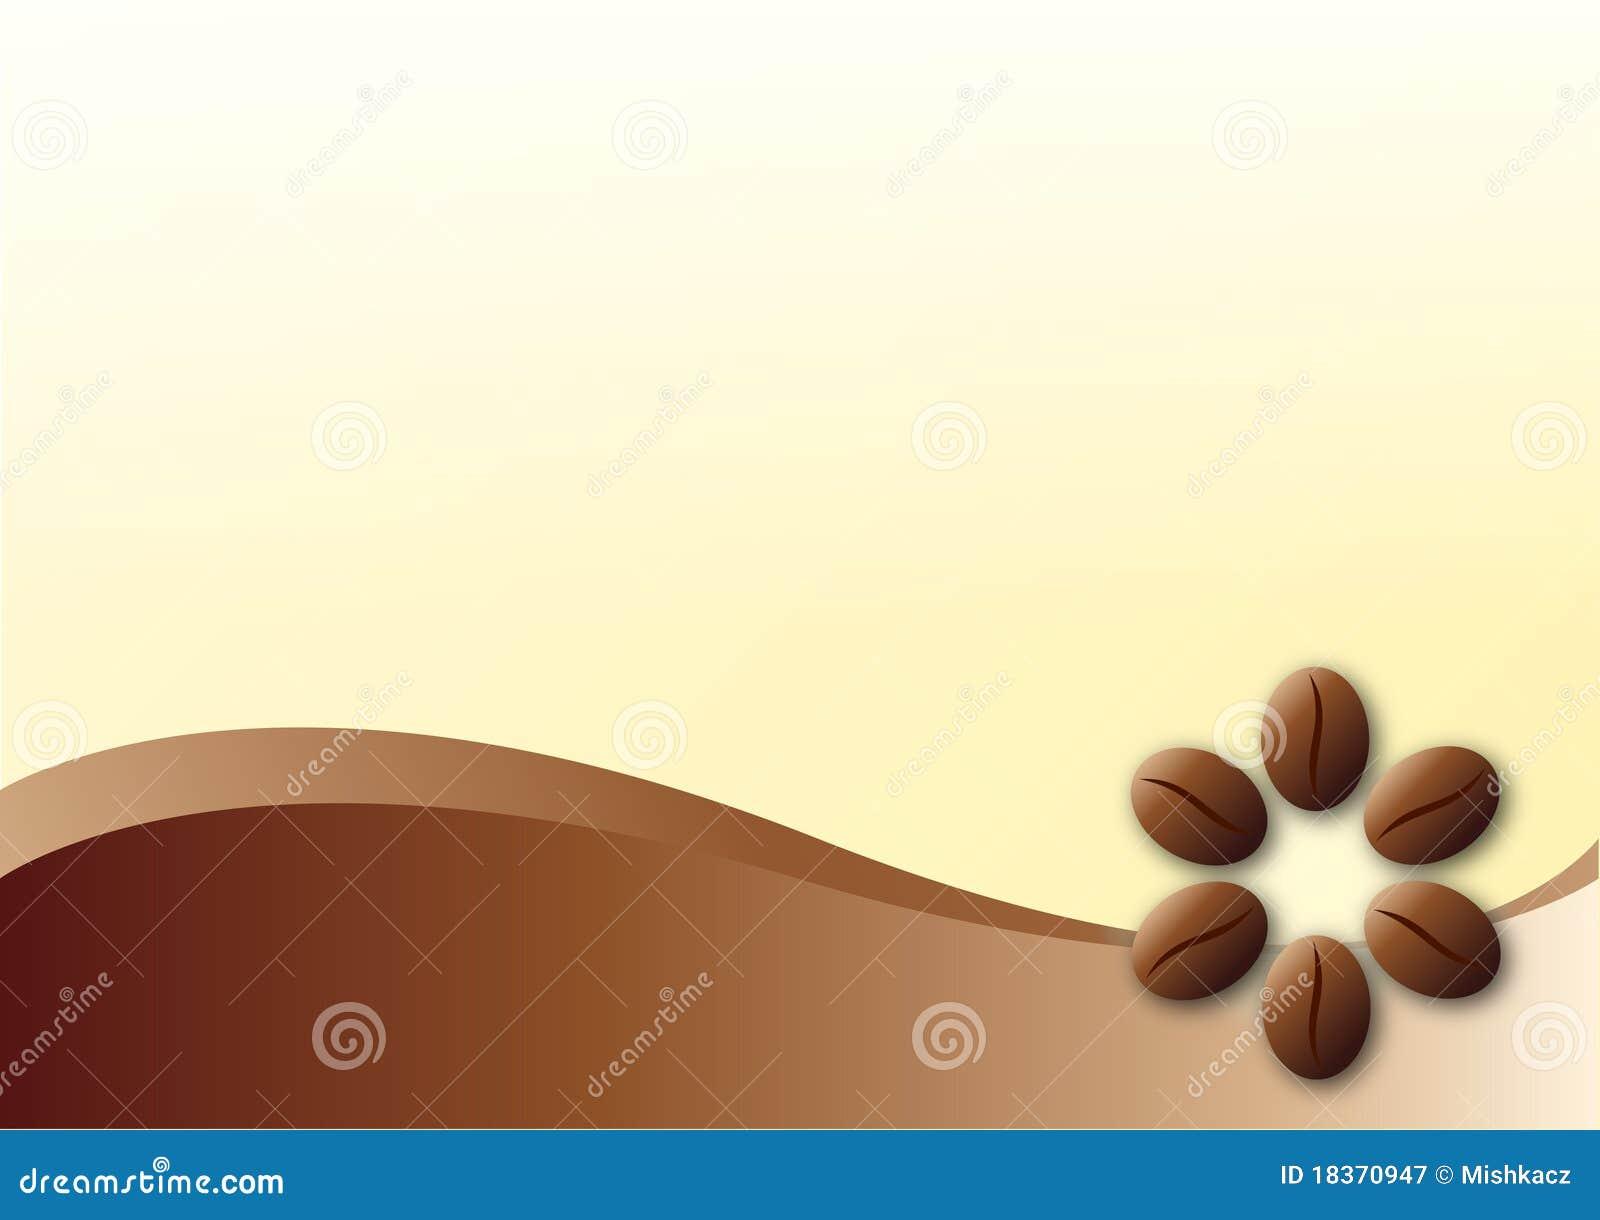 fondo del modelo del caf u00e9 ilustraci u00f3n del vector